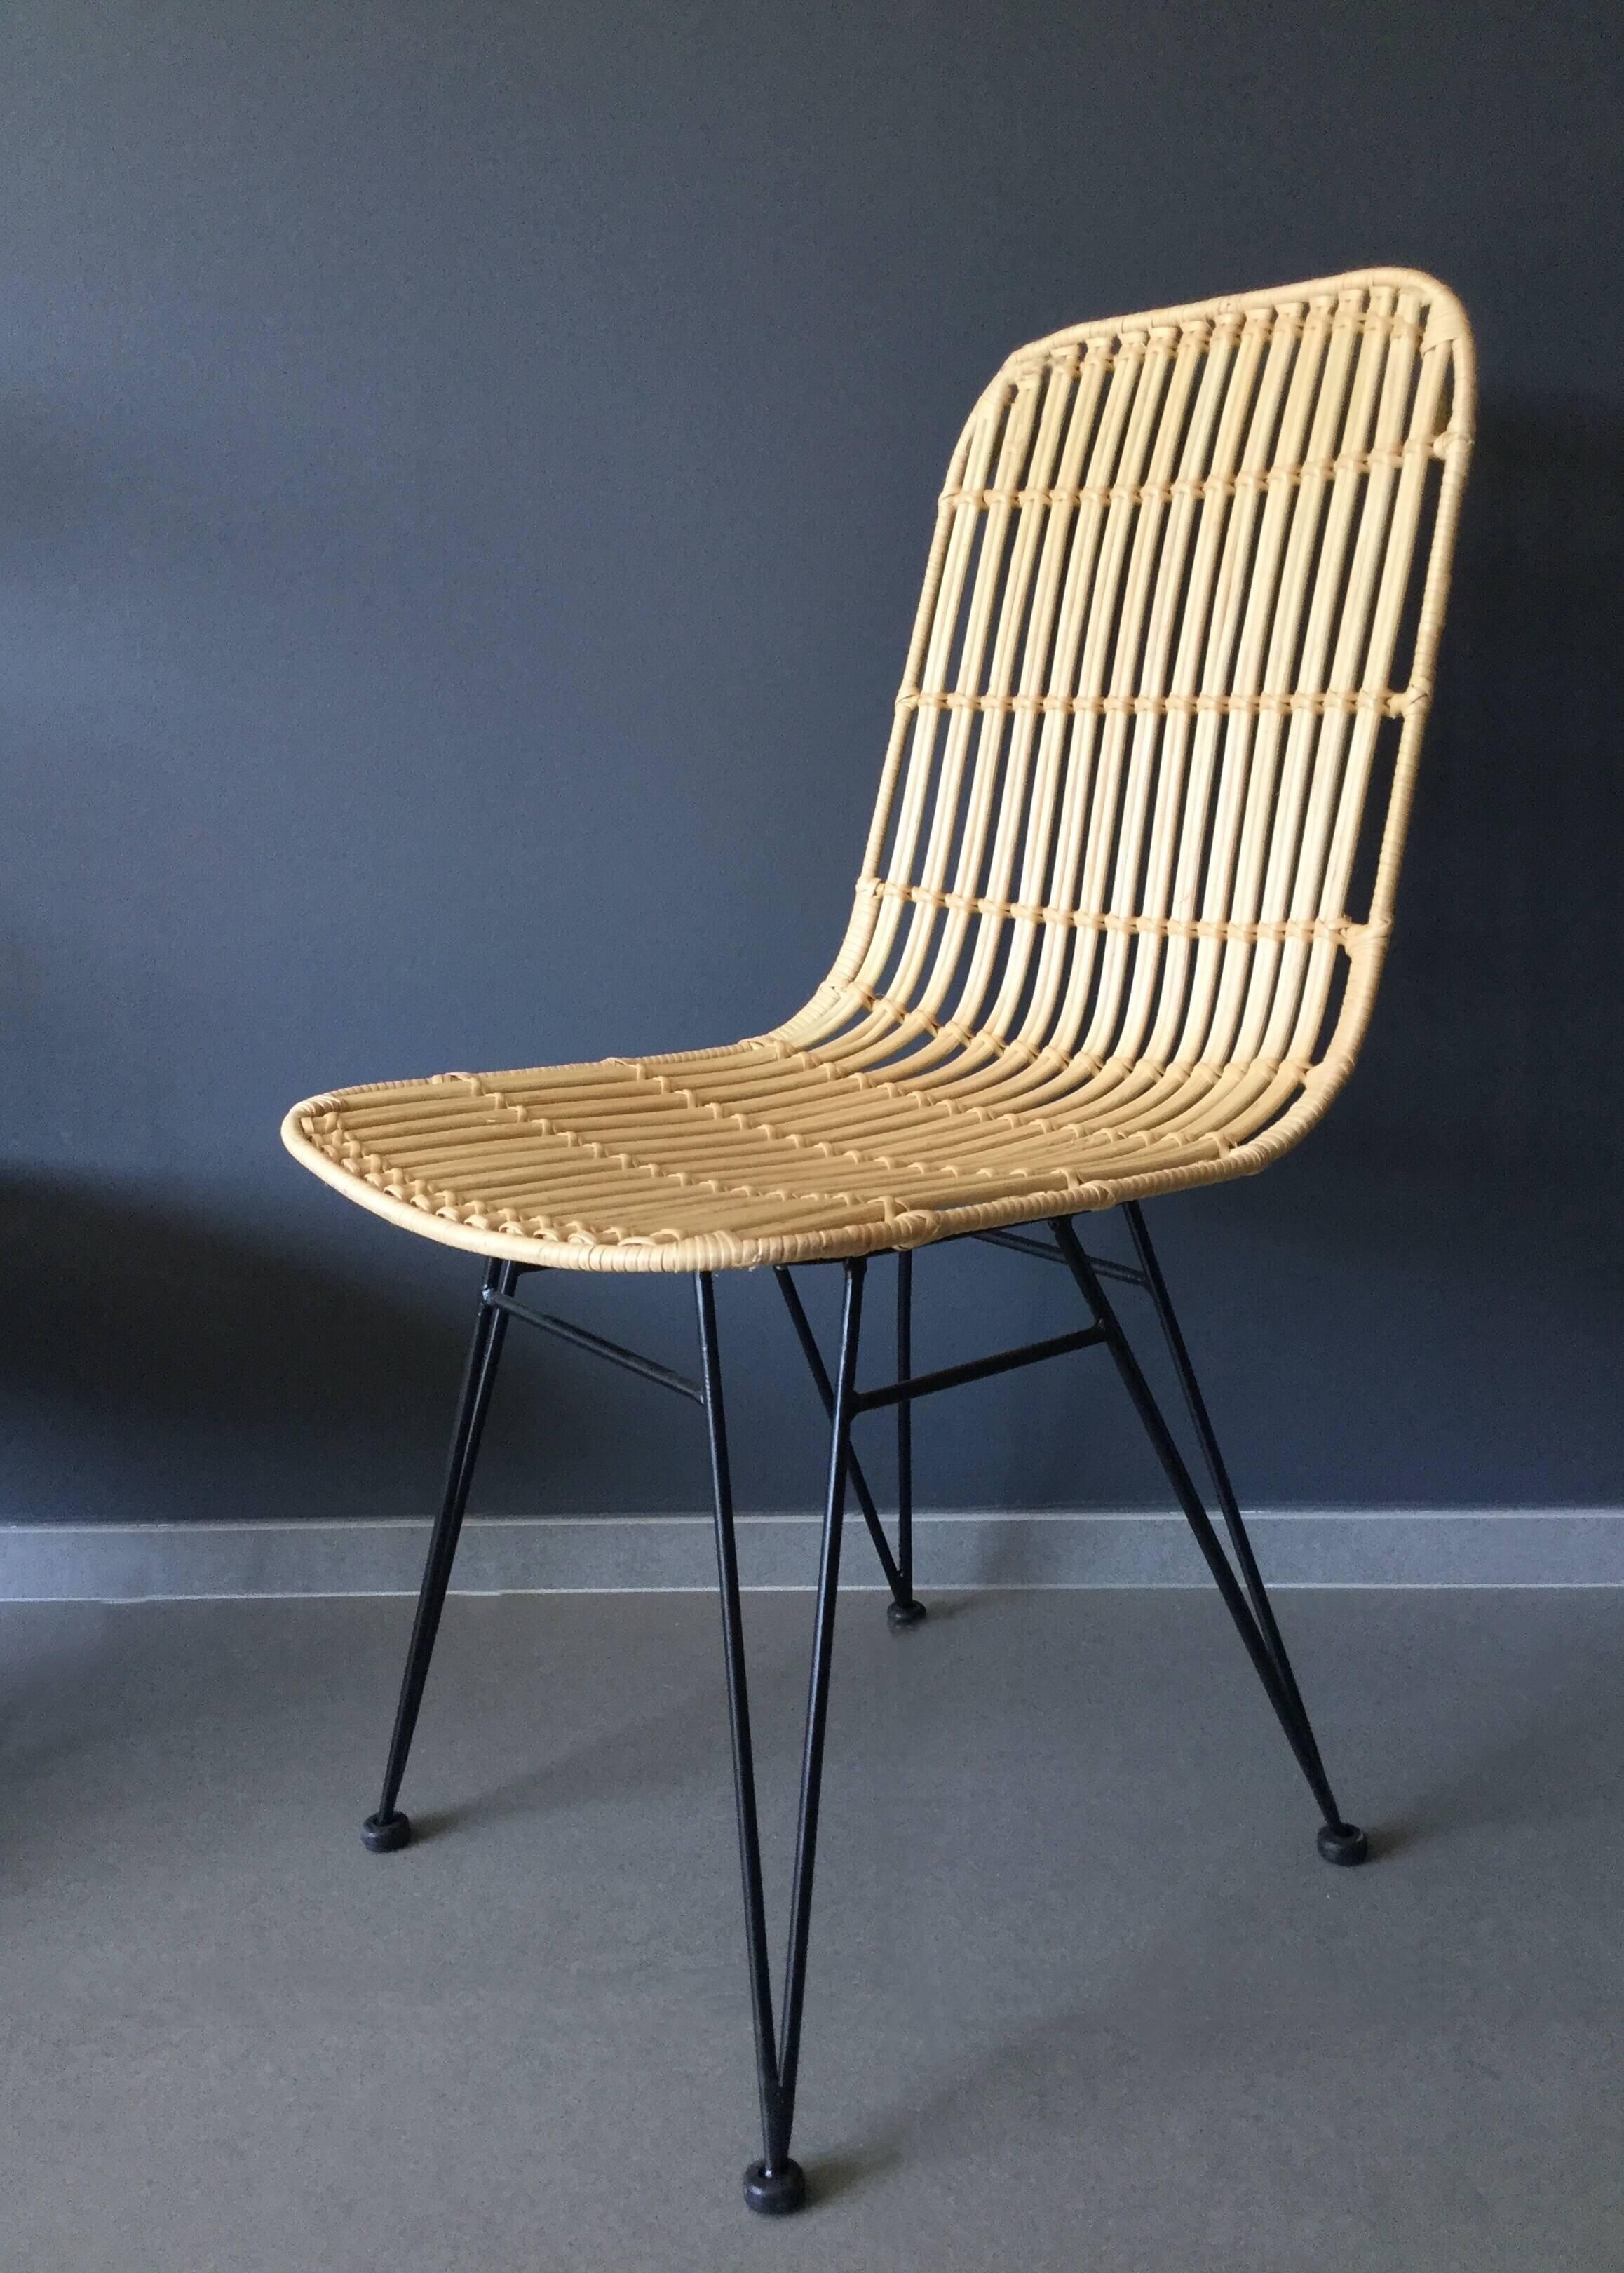 Chaise en rotin naturel et pieds m talliques noirs for Chaise en rotin et metal